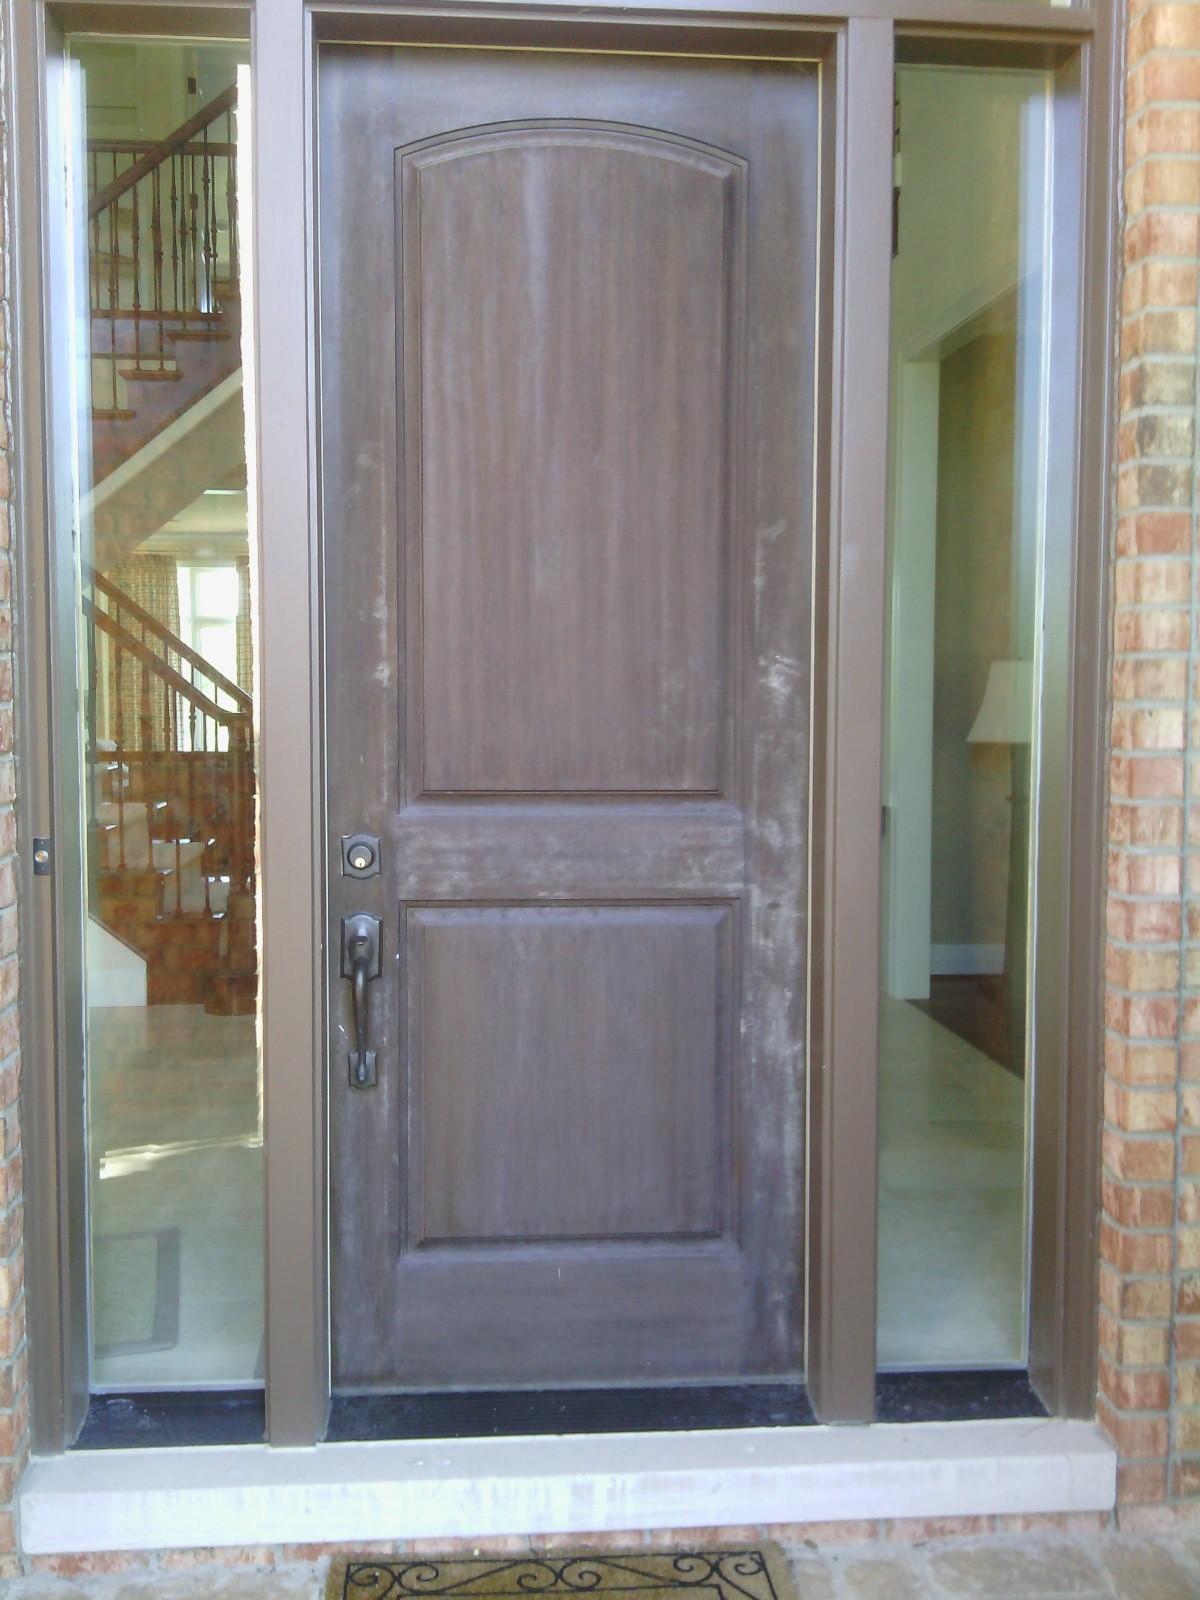 exterior-door-wood-wooden-refinish-refinishing-weathered